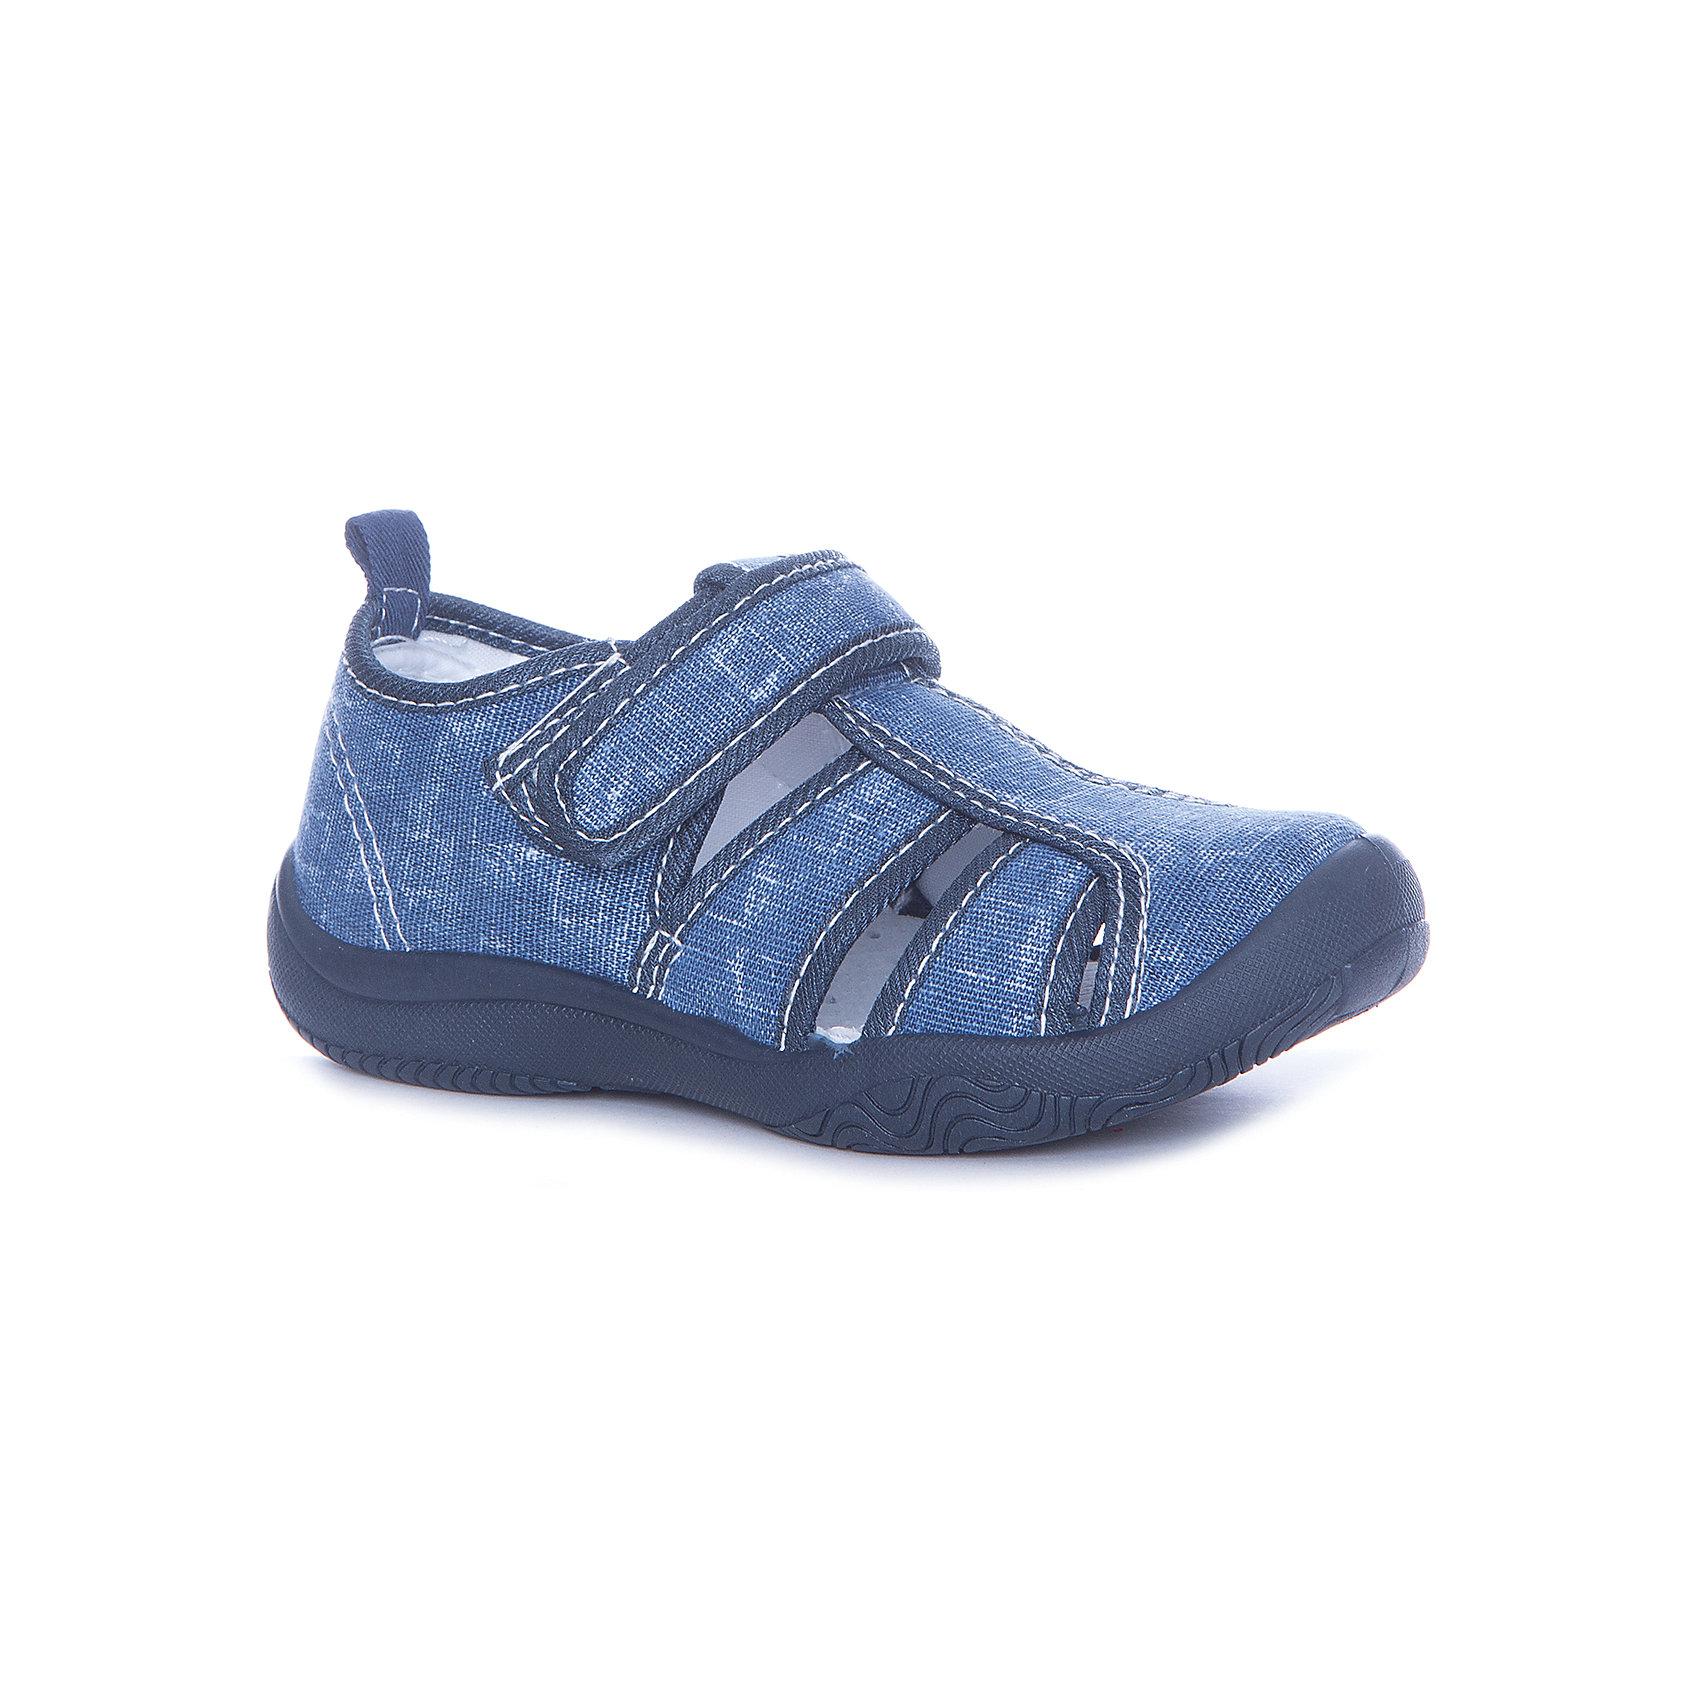 Сандалии Mursu для мальчикаТекстильные туфли<br>Характеристики товара:<br><br>• цвет: синий<br>• материал верха: текстиль<br>• подклад: текстиль<br>• стелька: натуральная кожа<br>• подошва: ПВХ<br>• сезон: круглый год<br>• особенности модели: спортивный стиль<br>• застежка: резинка<br>• защита мыса<br>• анатомические <br>• страна бренда: Финляндия<br>• страна изготовитель: Китай<br><br>Текстильную обувь Mursu можно использовать как сменную в детском саду, так и для прогулок в сухую погоду. Удобная форма позволяет быстро надеть и снять обувь. <br><br>Обувь Мурсу - это качественная финская продукция, которая помогает детям выглядеть модно и чувствовать себя удобно.<br><br>Текстильную обувь для мальчика Mursu можно купить в нашем интернет-магазине.<br><br>Ширина мм: 227<br>Глубина мм: 145<br>Высота мм: 124<br>Вес г: 325<br>Цвет: черный<br>Возраст от месяцев: 96<br>Возраст до месяцев: 108<br>Пол: Мужской<br>Возраст: Детский<br>Размер: 32,27,31,30,29,28<br>SKU: 6852087